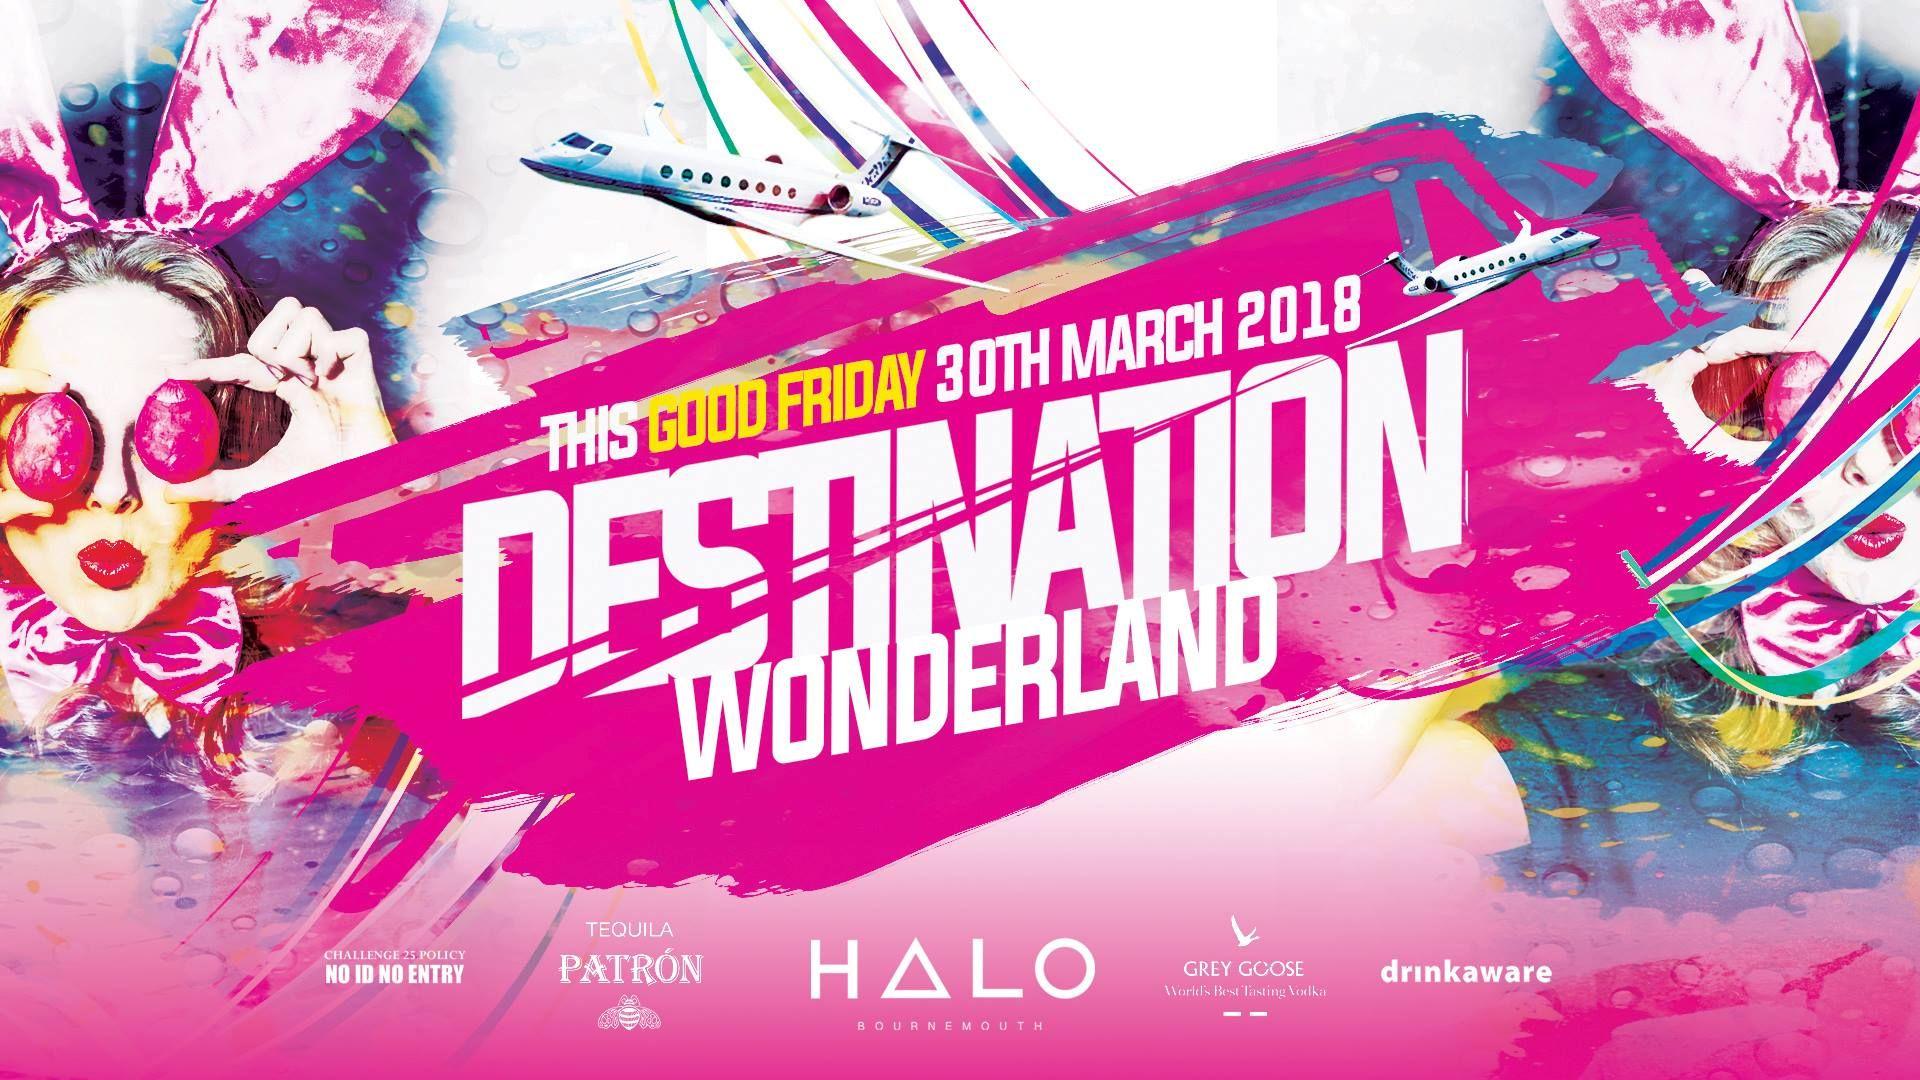 Destination wonderland at halo nightclub in bournemouth music destination wonderland at halo nightclub in bournemouth music clubbing nightlife malvernweather Gallery